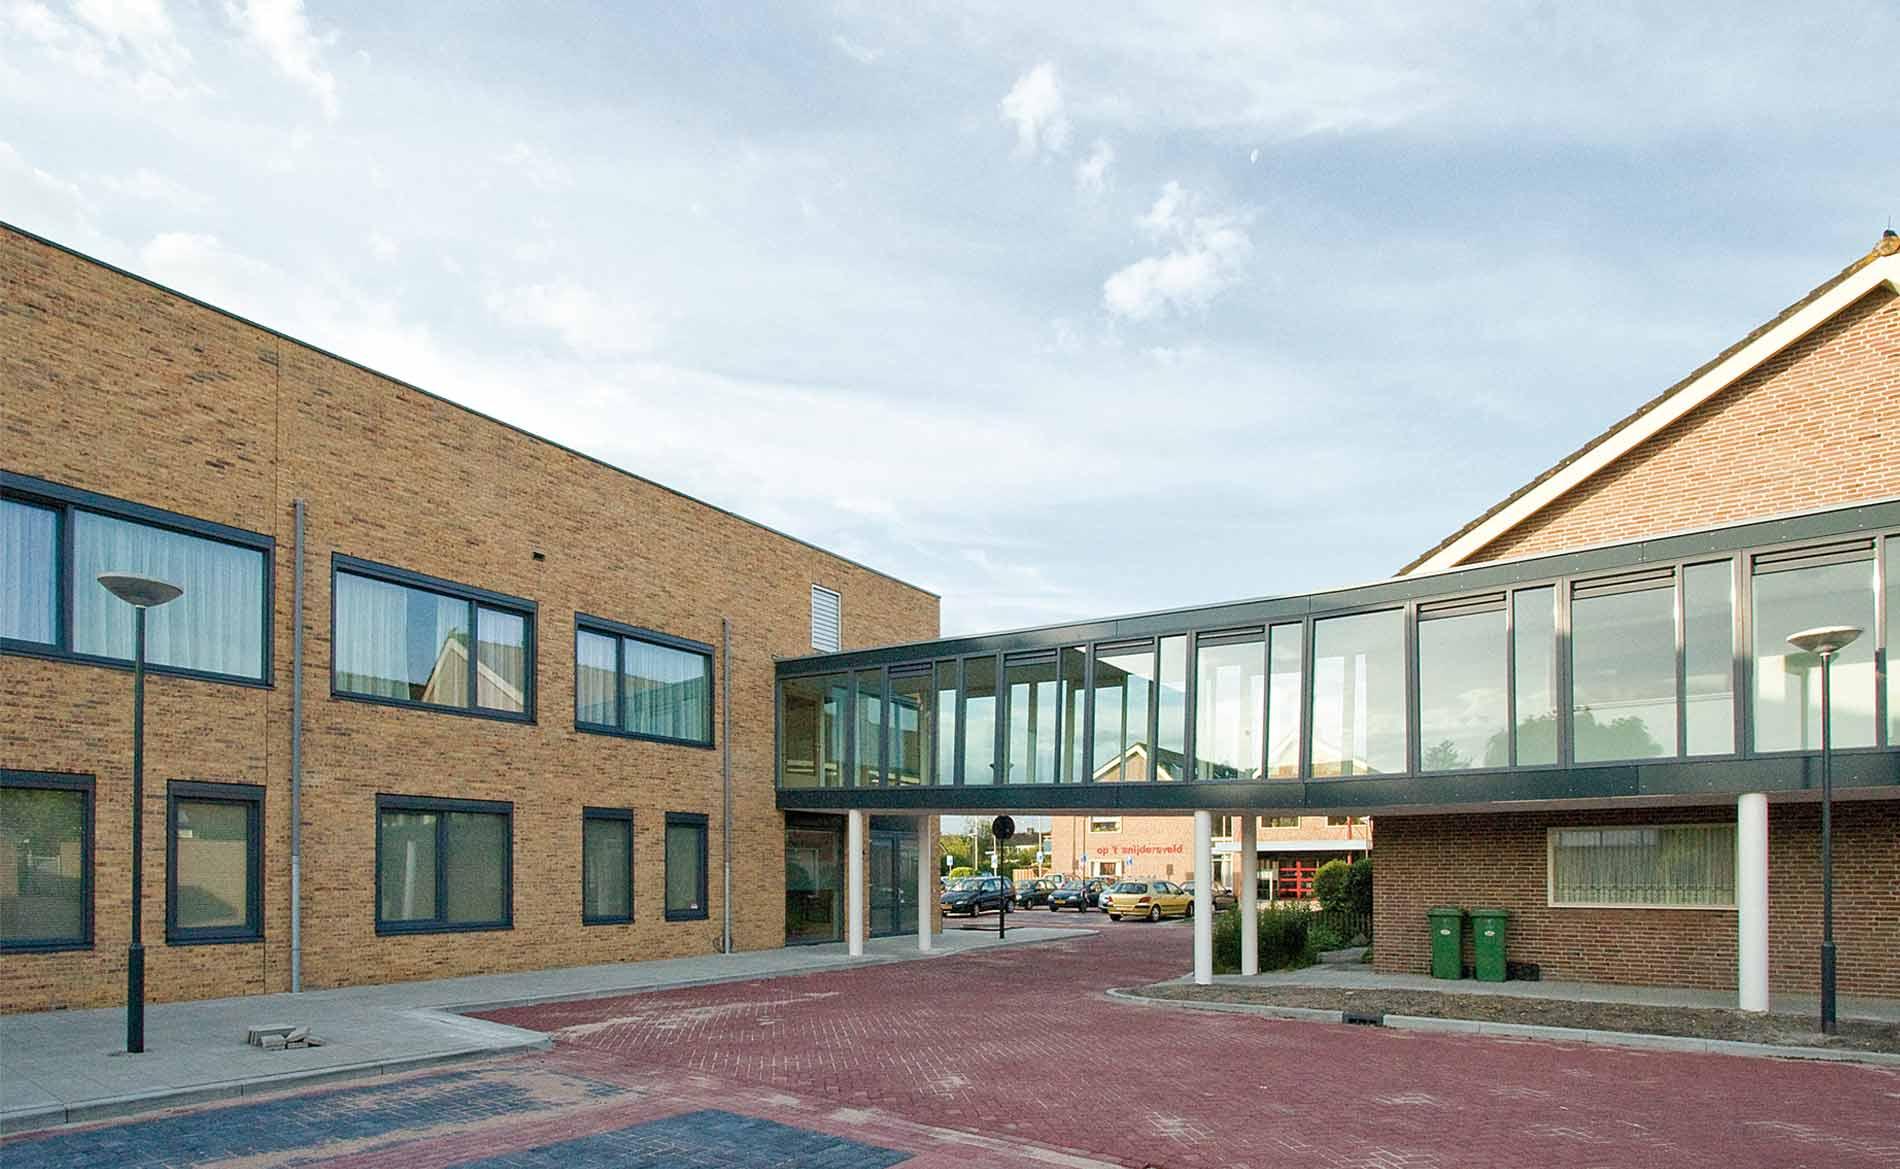 MFA woonzorggebouw ouderenhuisvesting appartementen huisarts apotheek peuterspeelzaal BBHD architecten Op-'t-Snijdersveld Obdam